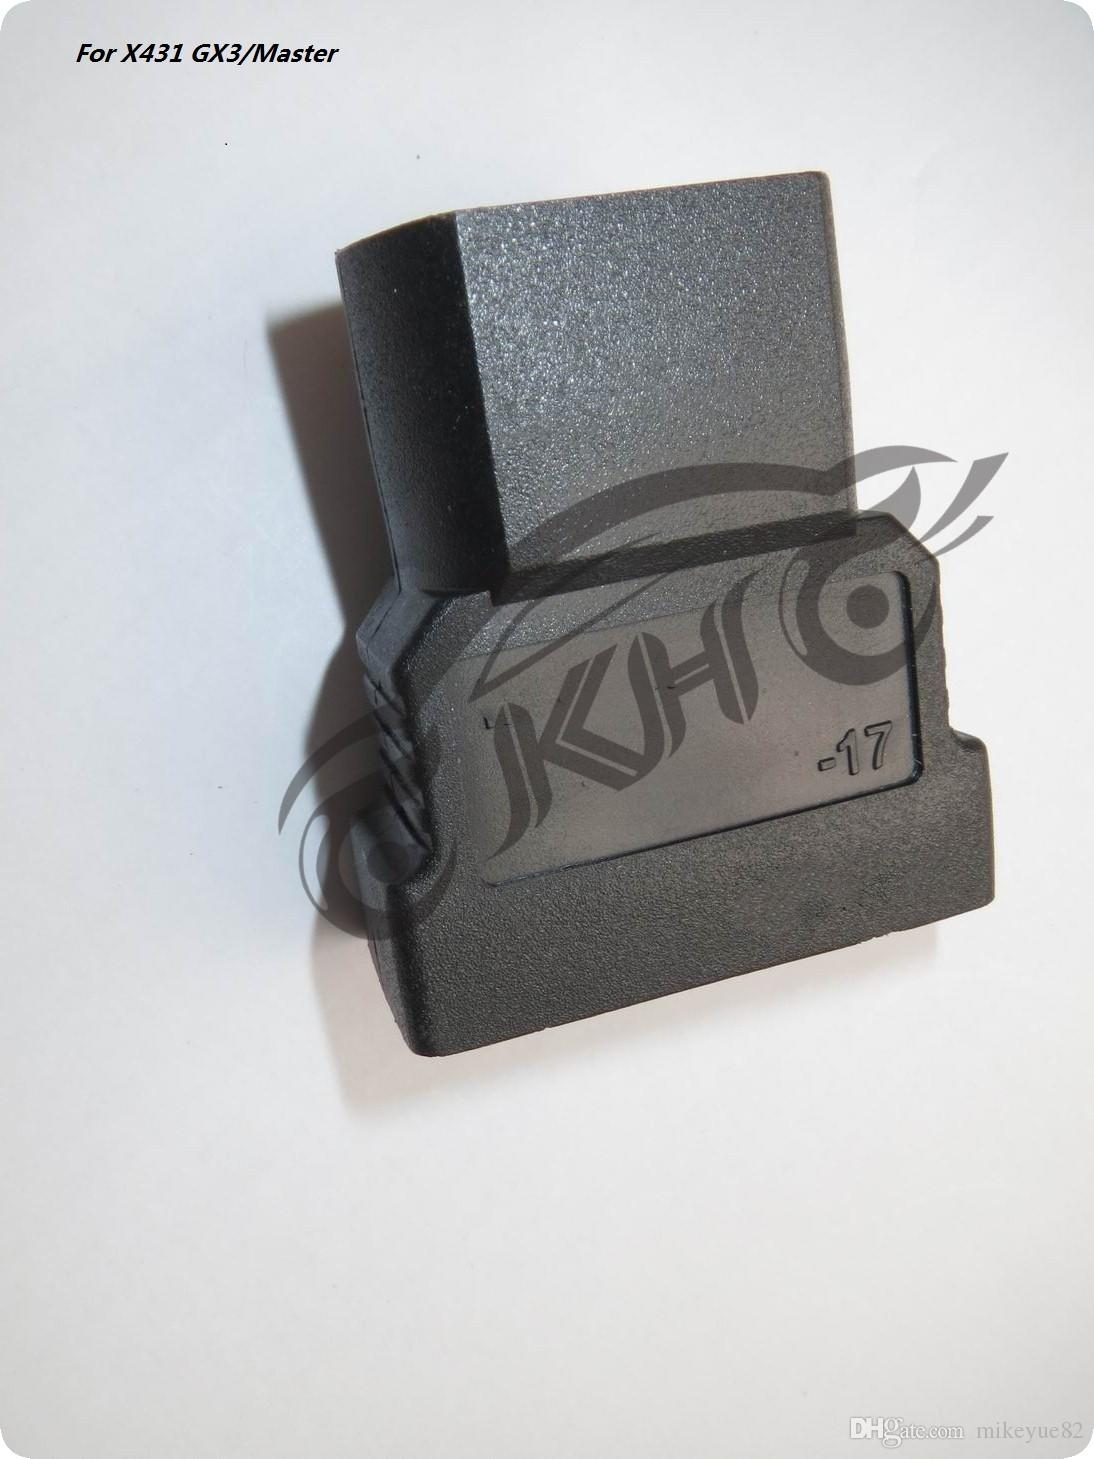 100٪ الأصلي لإطلاق X431 لمازدا -17 دبابيس محول GX3 ماست -17 دبوس OBD-II موصل موصل OBD2